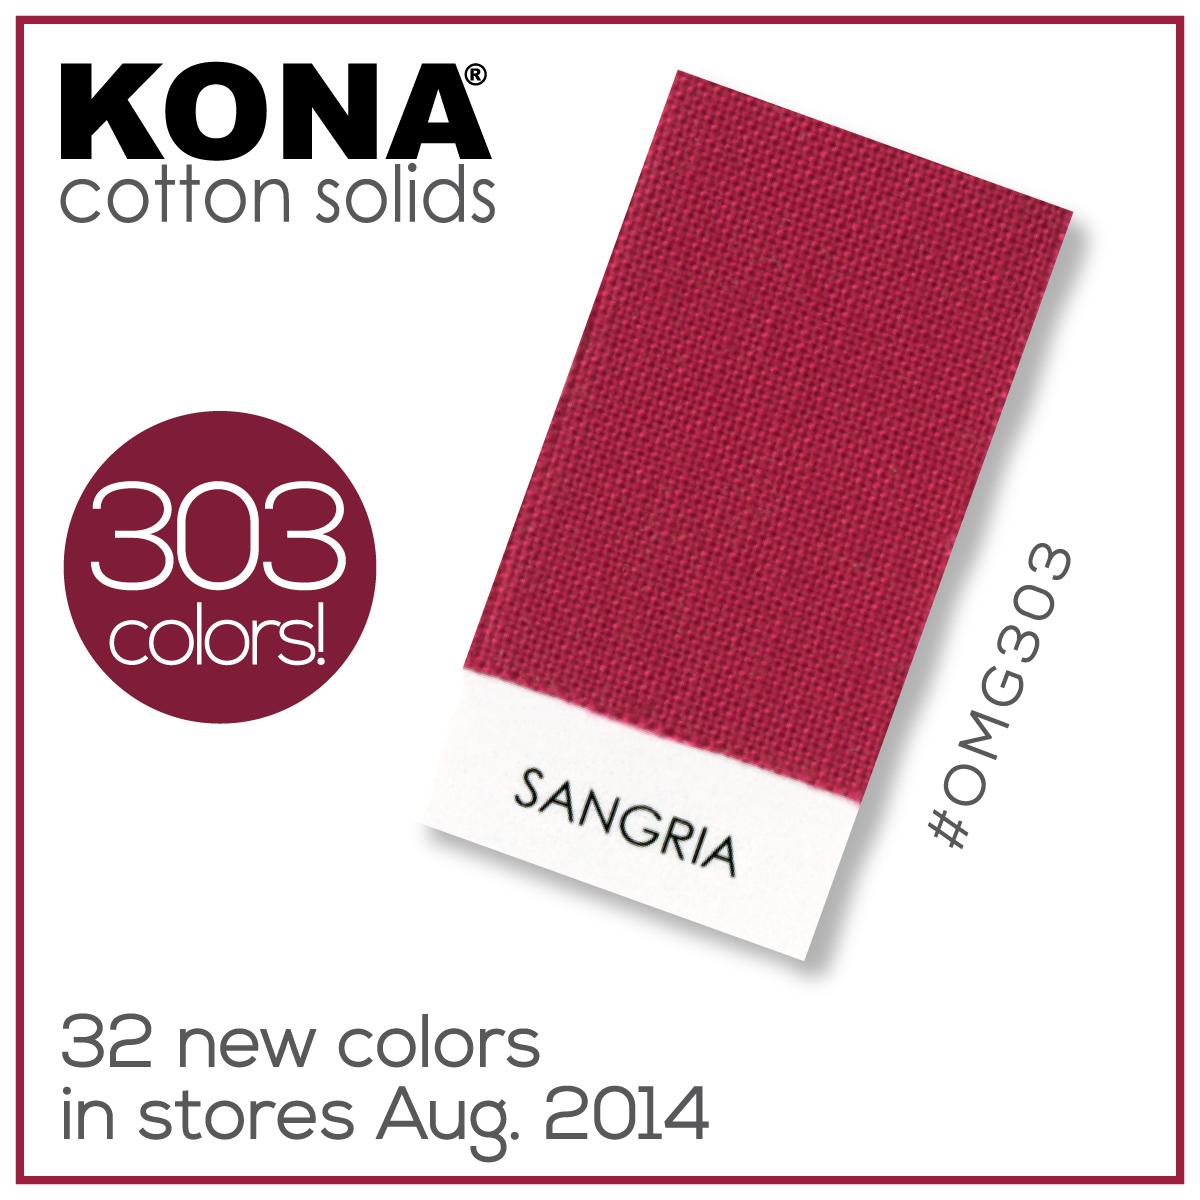 POSTED - Kona-Sangria.jpg